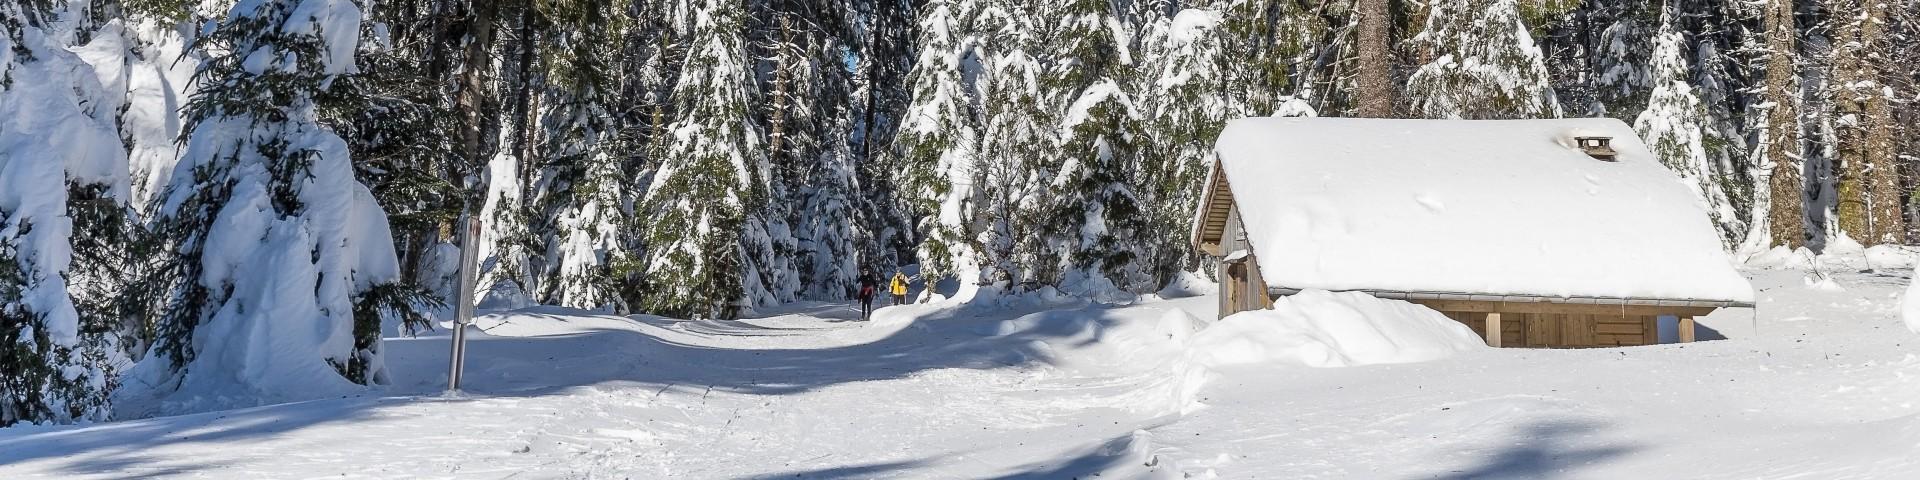 dominique-steinel-neige285-001-7-3874